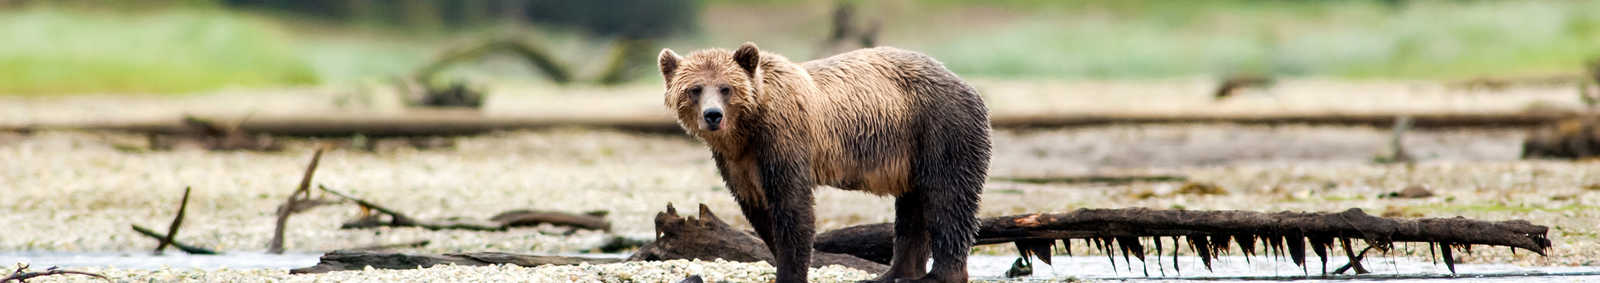 Bear in Canada